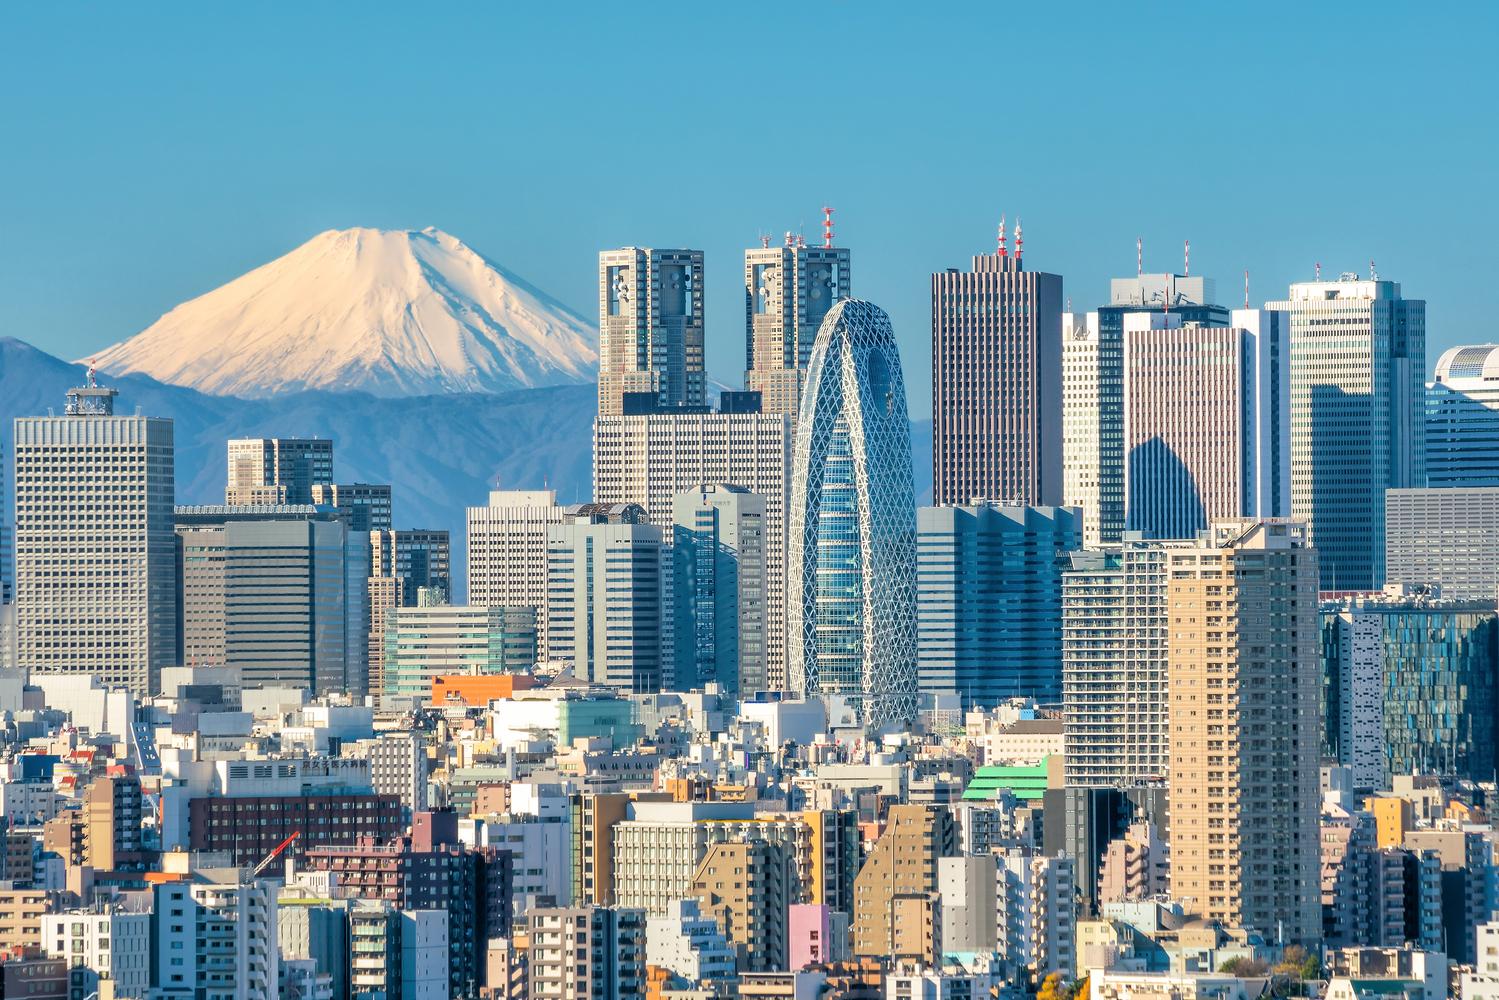 На первом месте у нас нонче Токио, в котором живет 37 с гаком миллионов человек. Это, на минуточку, в 3,5 раза больше, чем во всей Беларуси